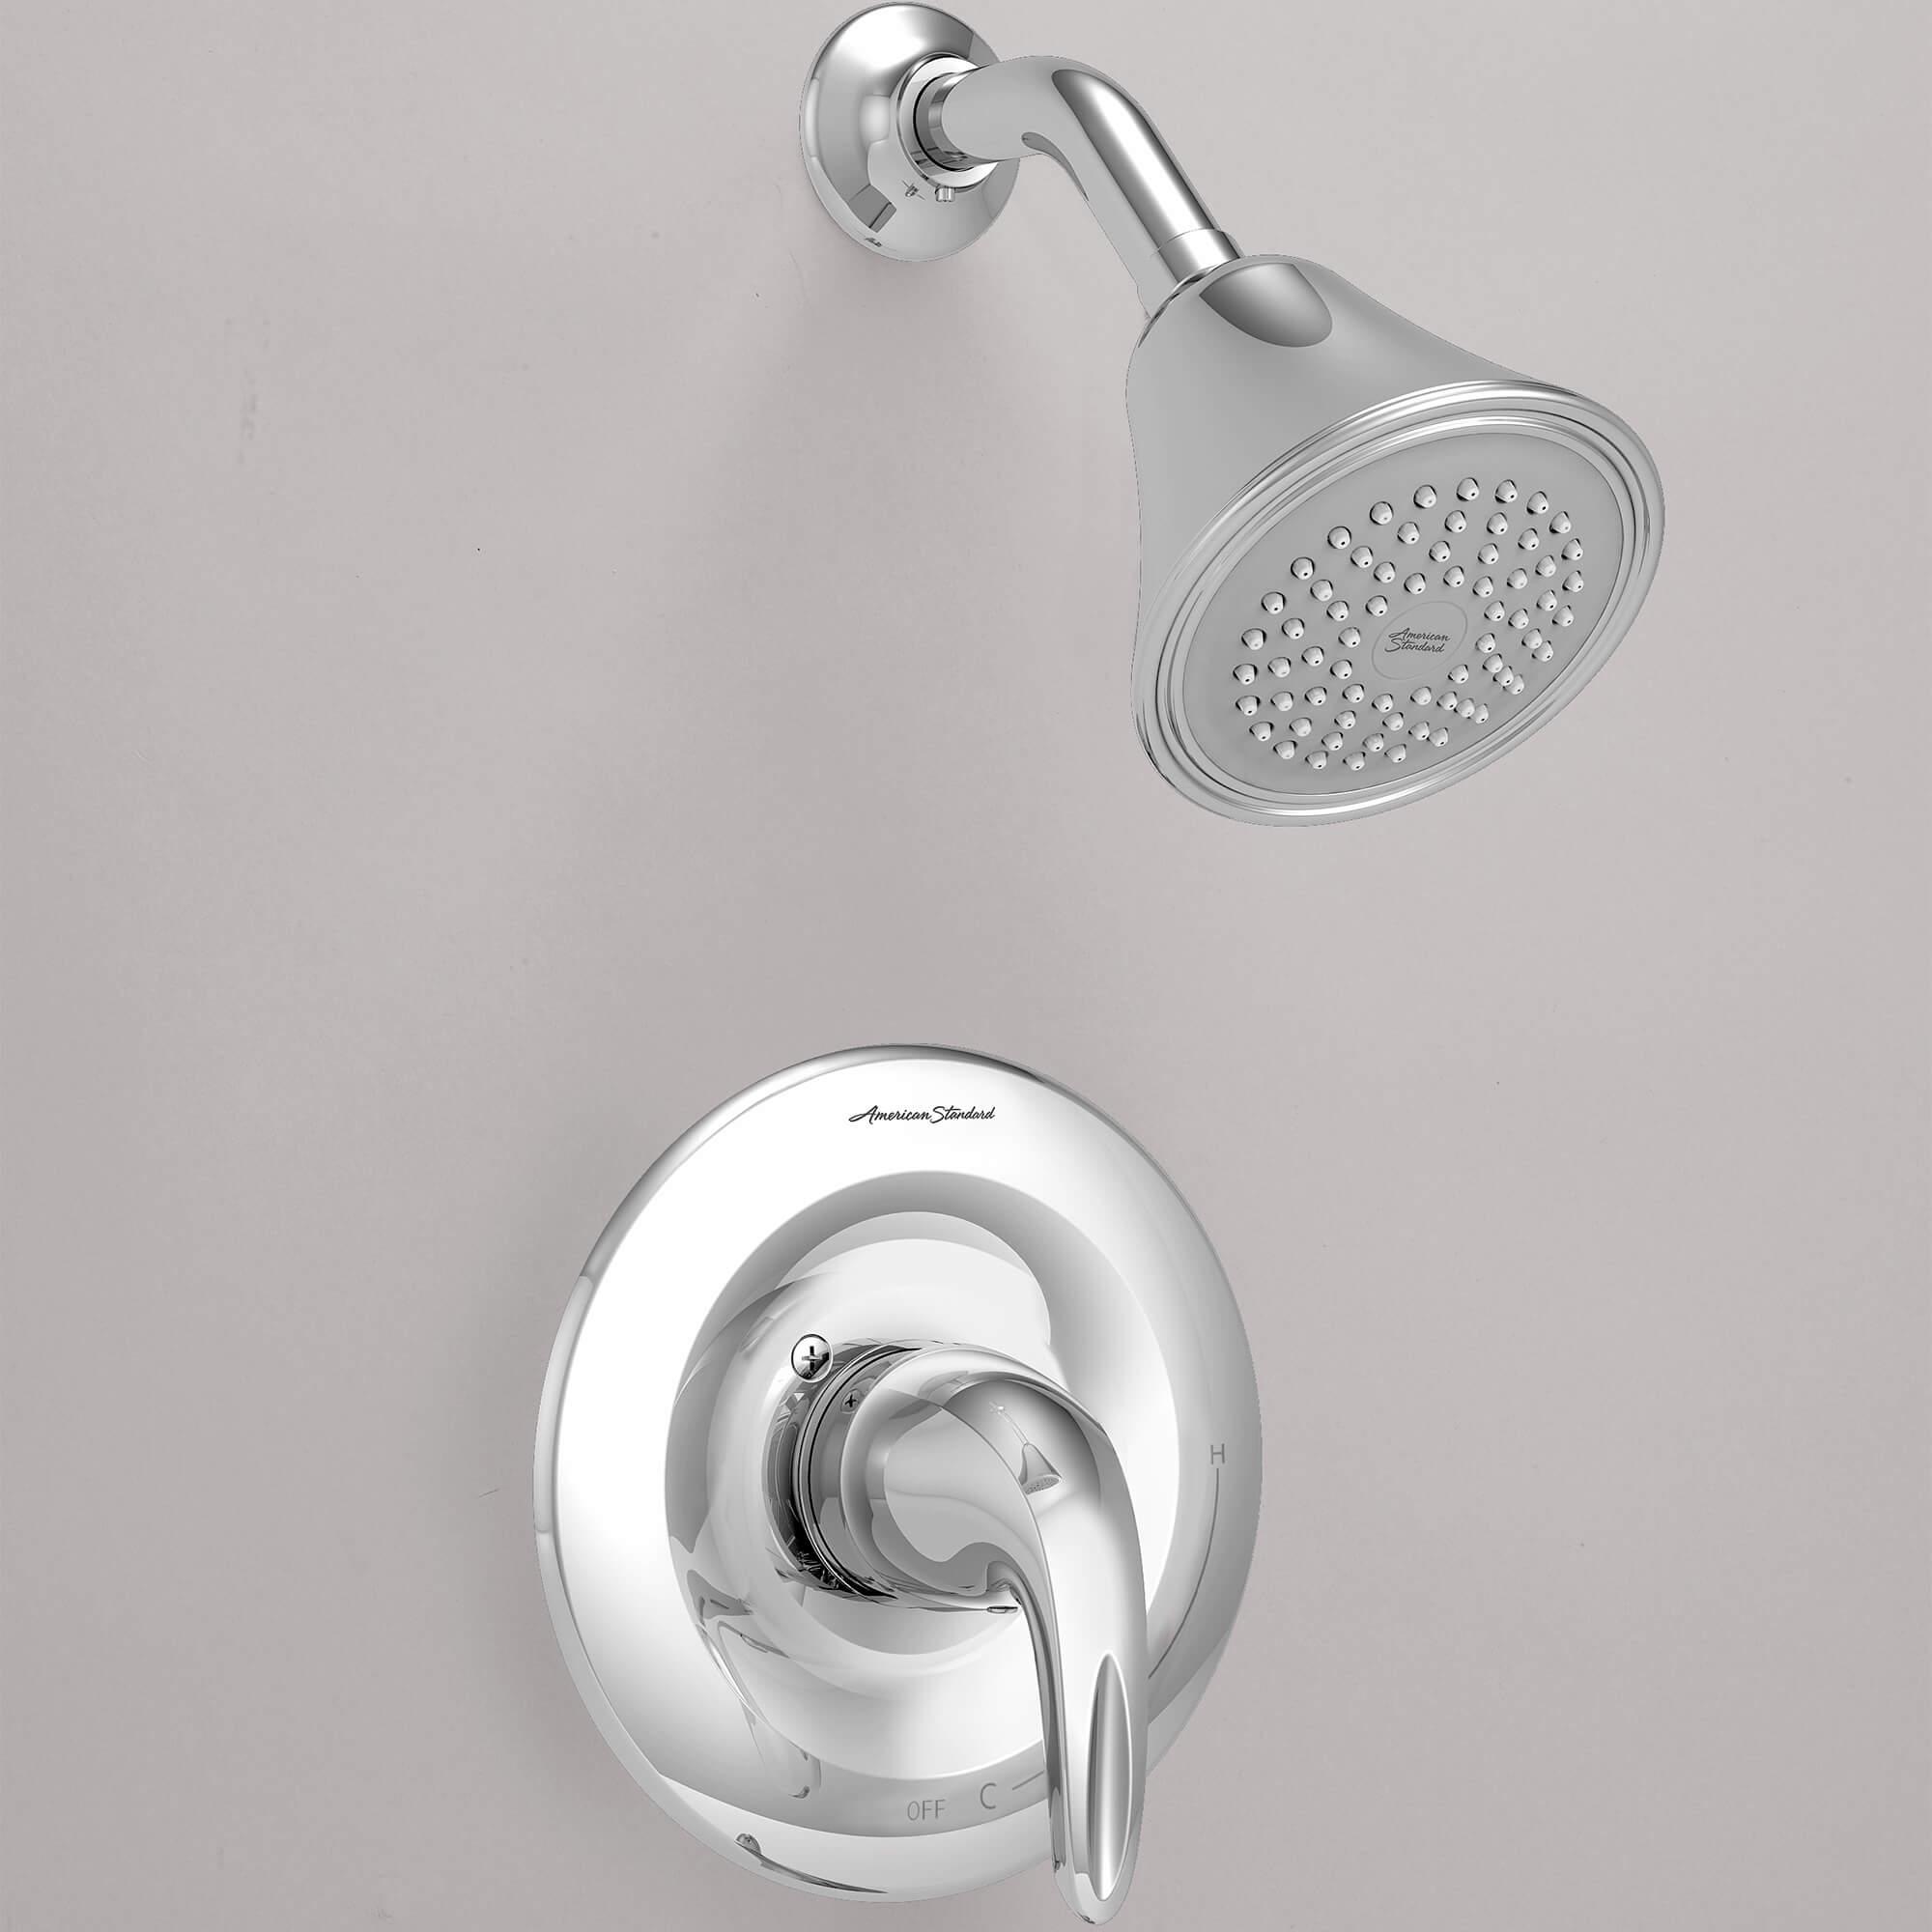 reliant shower trim polished chrome